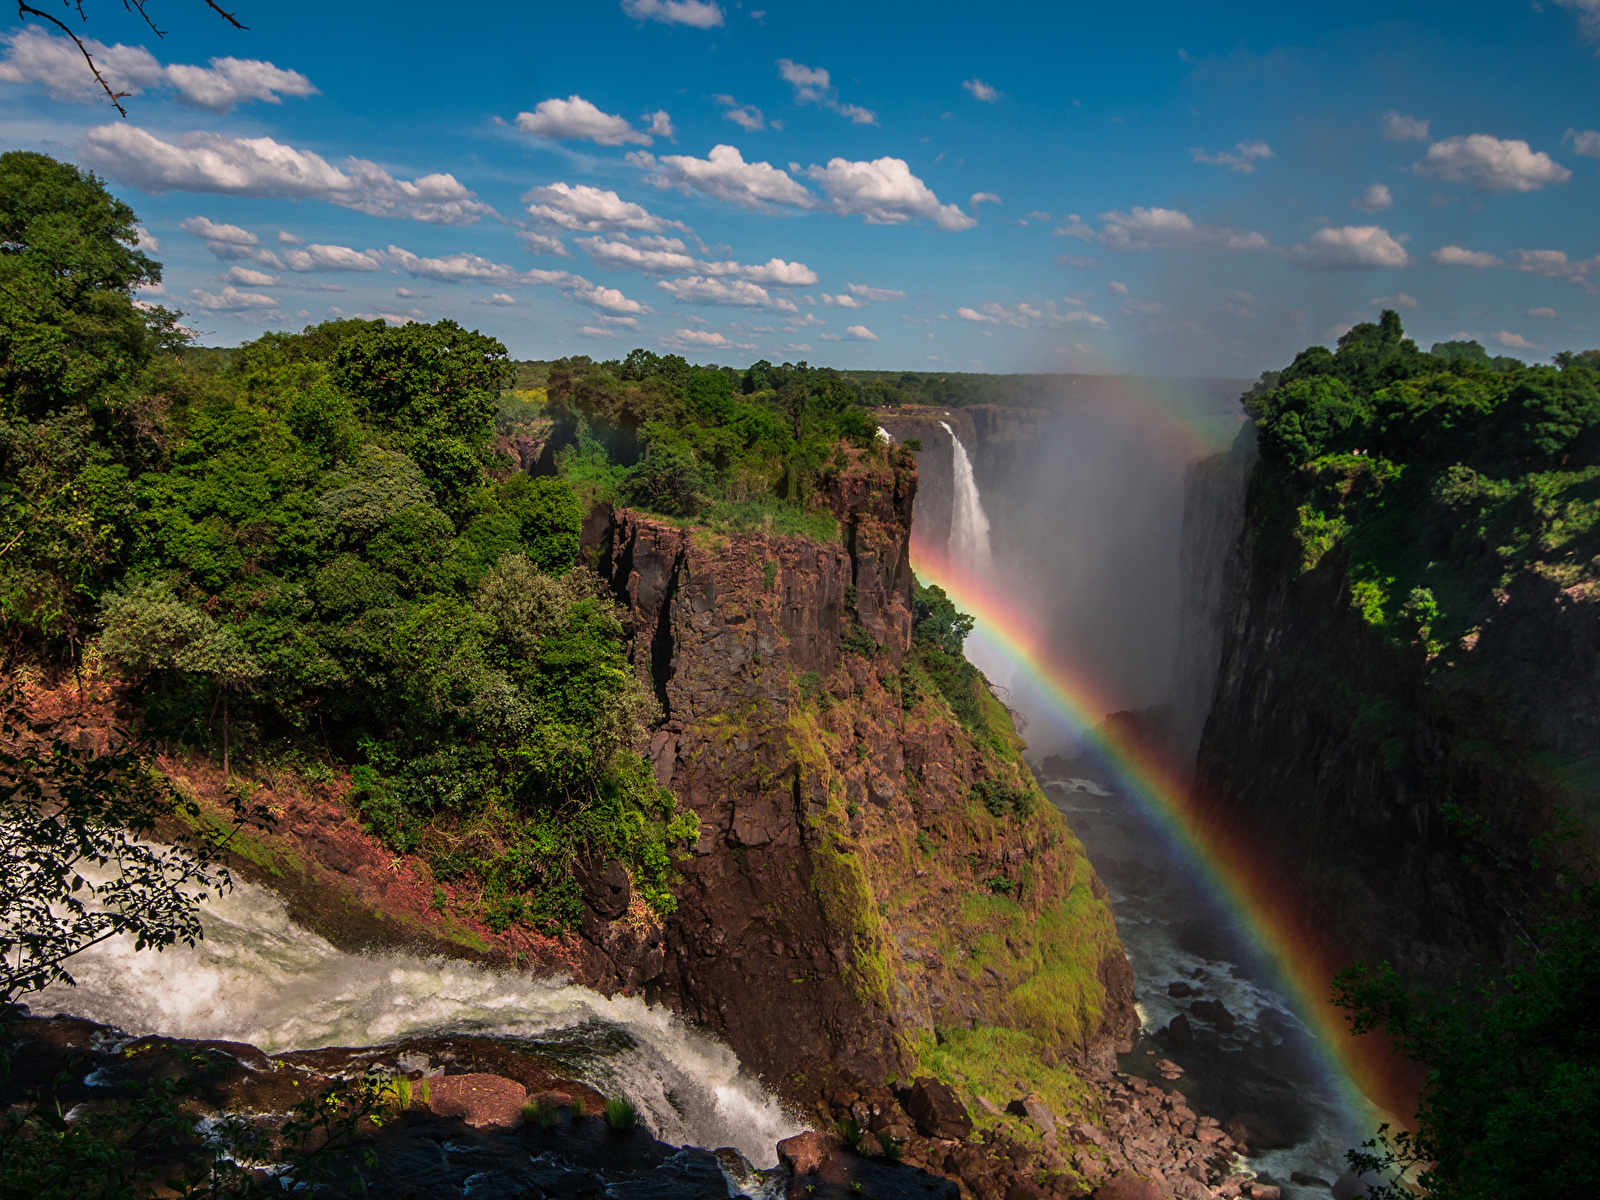 Фото Victoria Falls Zimbabwe Скала Радуга Природа Водопады кустов 1600x1200 Утес скале скалы радуги Кусты